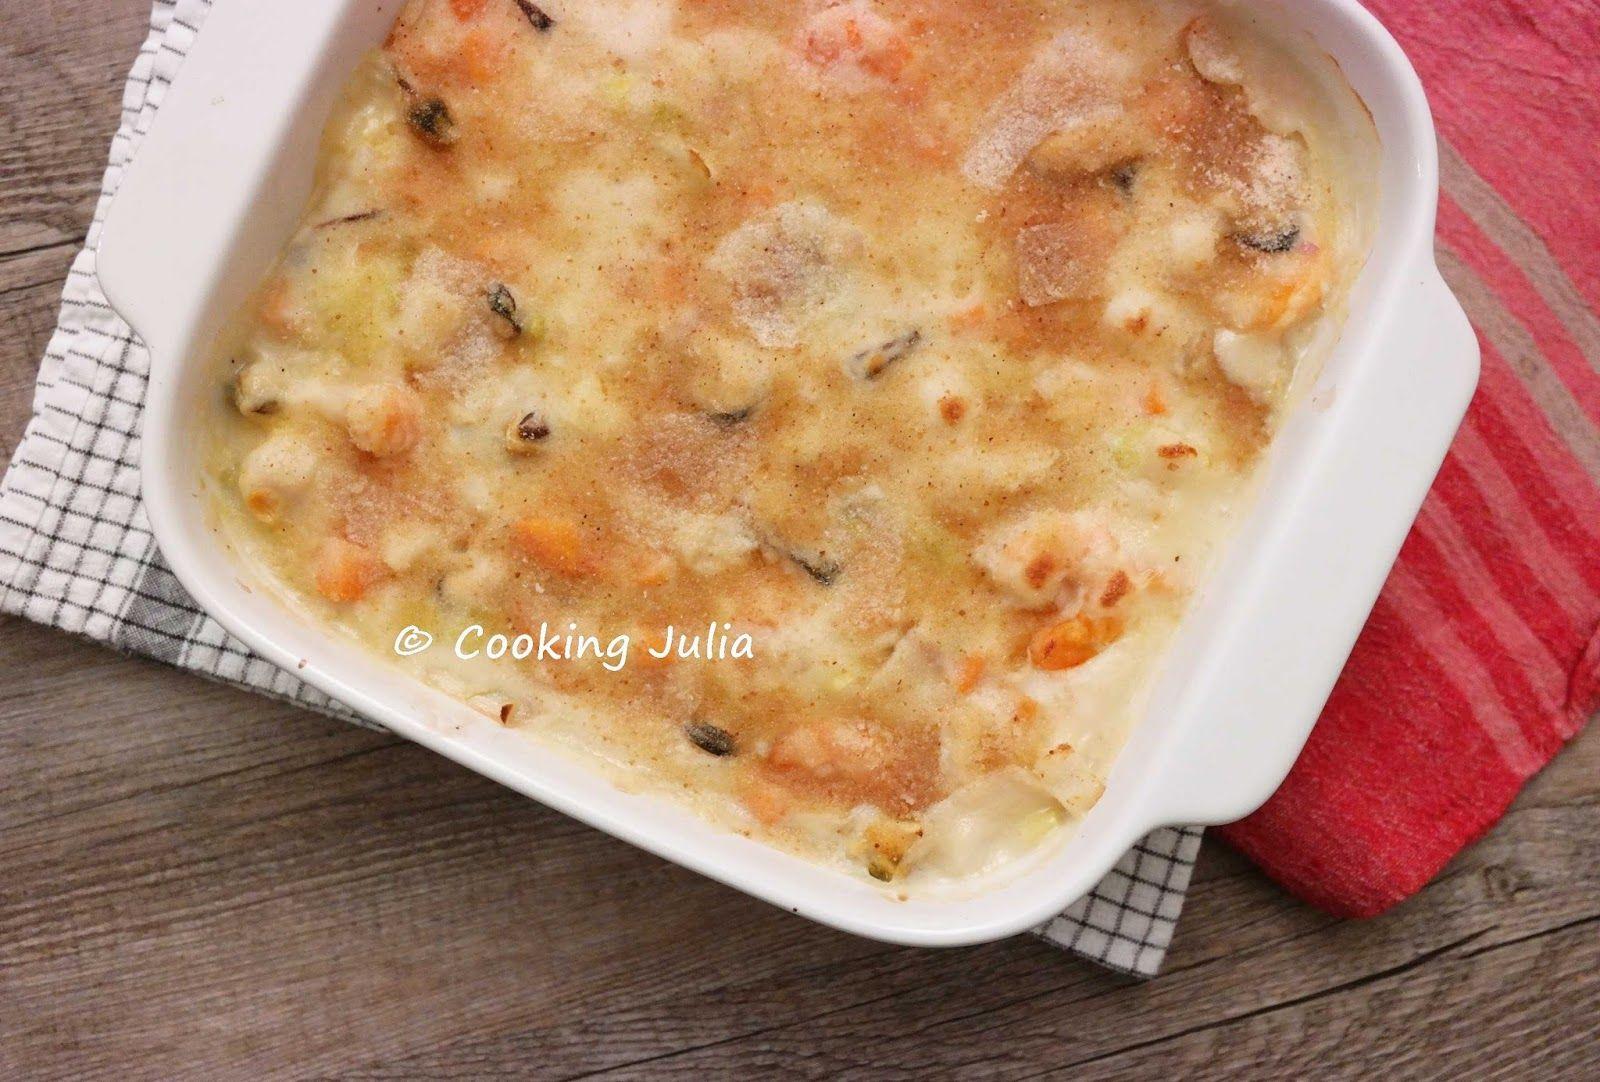 COOKING JULIA: GRATIN DE FRUITS DE MER